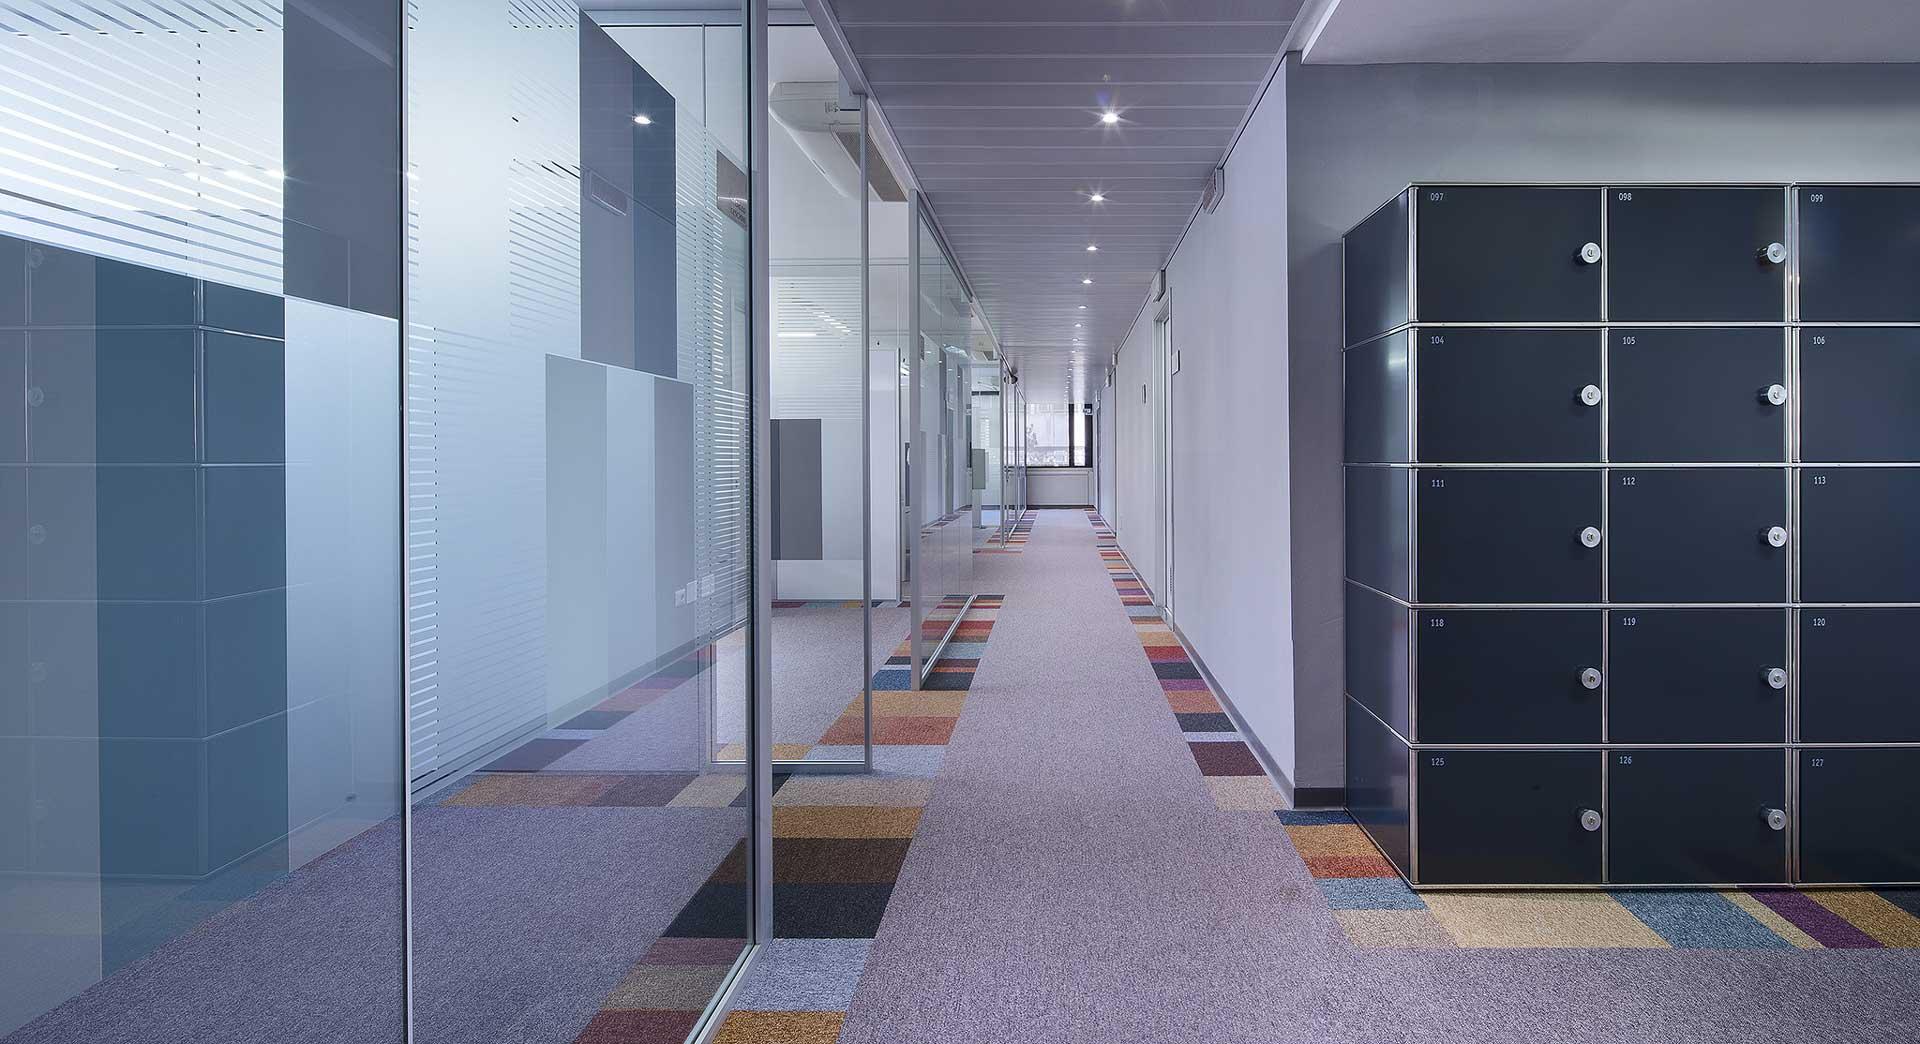 progetta-ufficio-sicuro-Level-Office-Landscape-locker